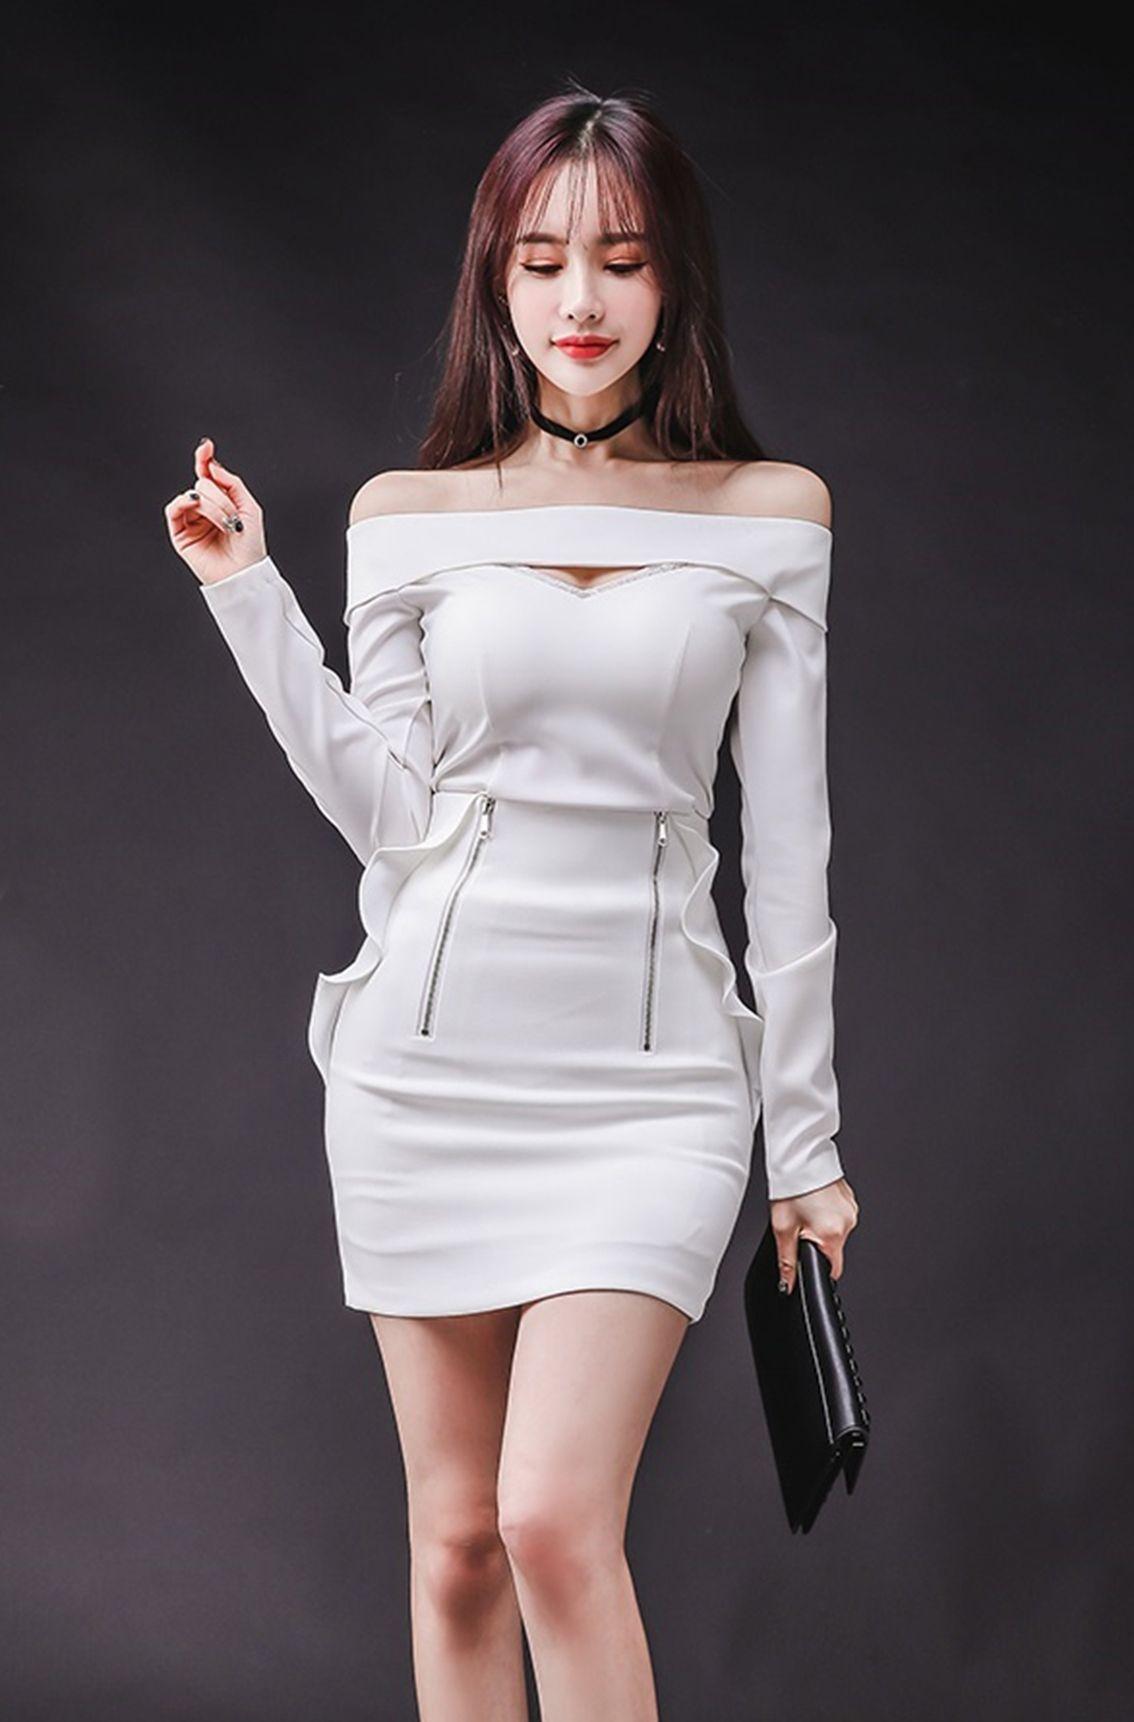 一字肩包臀紧身裙真是抓人眼球的利器,搭配鱼嘴高跟鞋气场十足